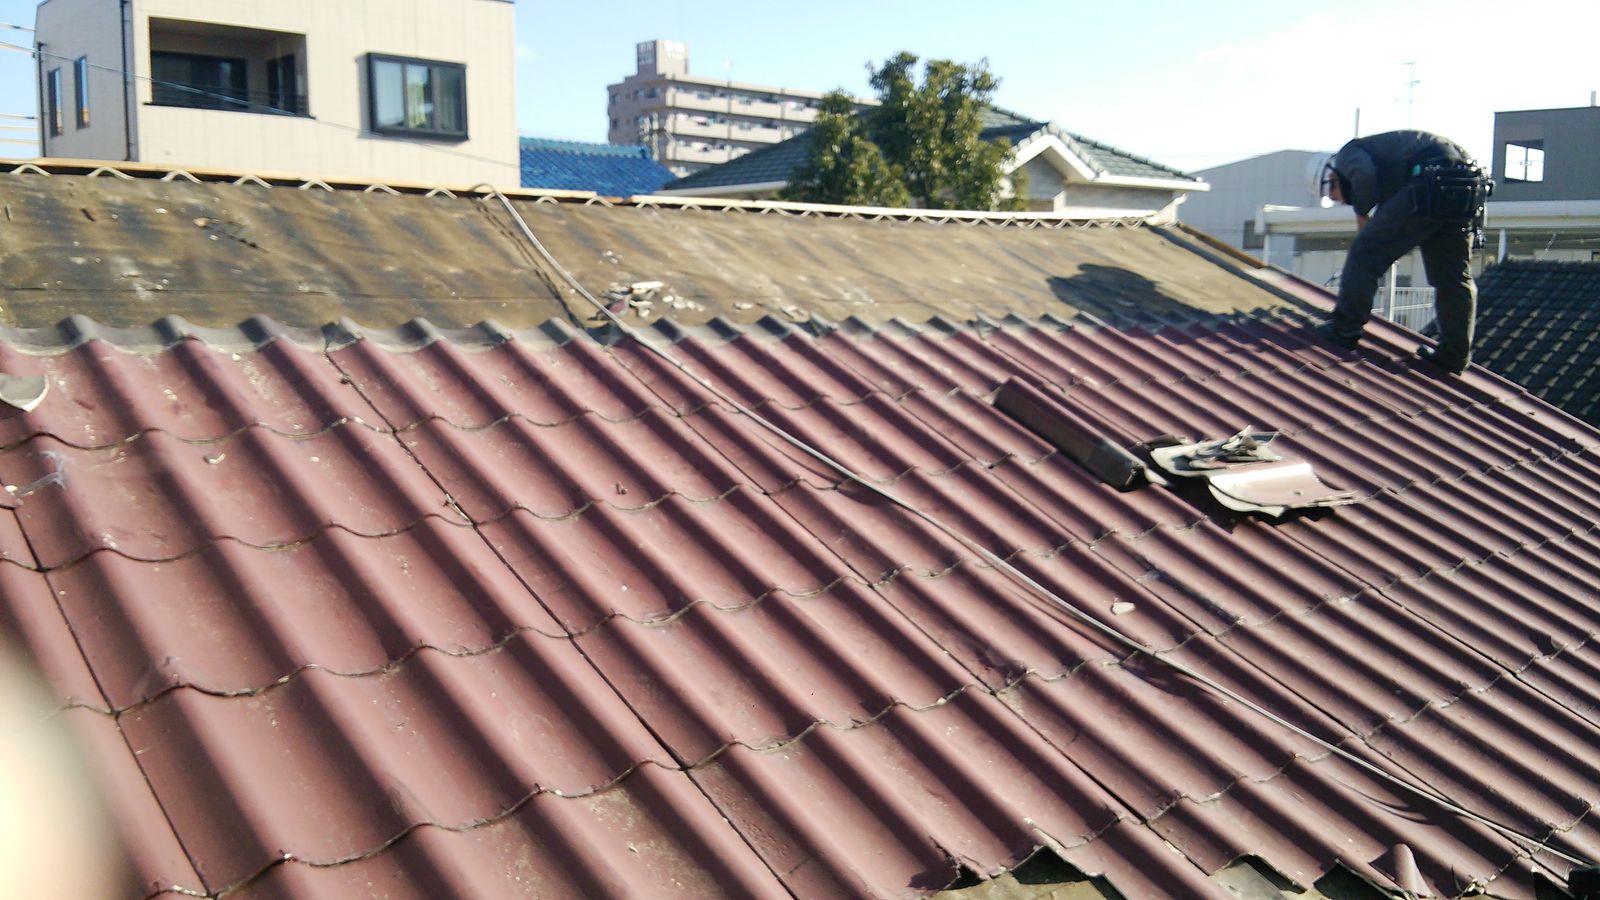 屋根葺き替え(カルカ・ルーフ) : 走る雨漏り修理アドバイザー